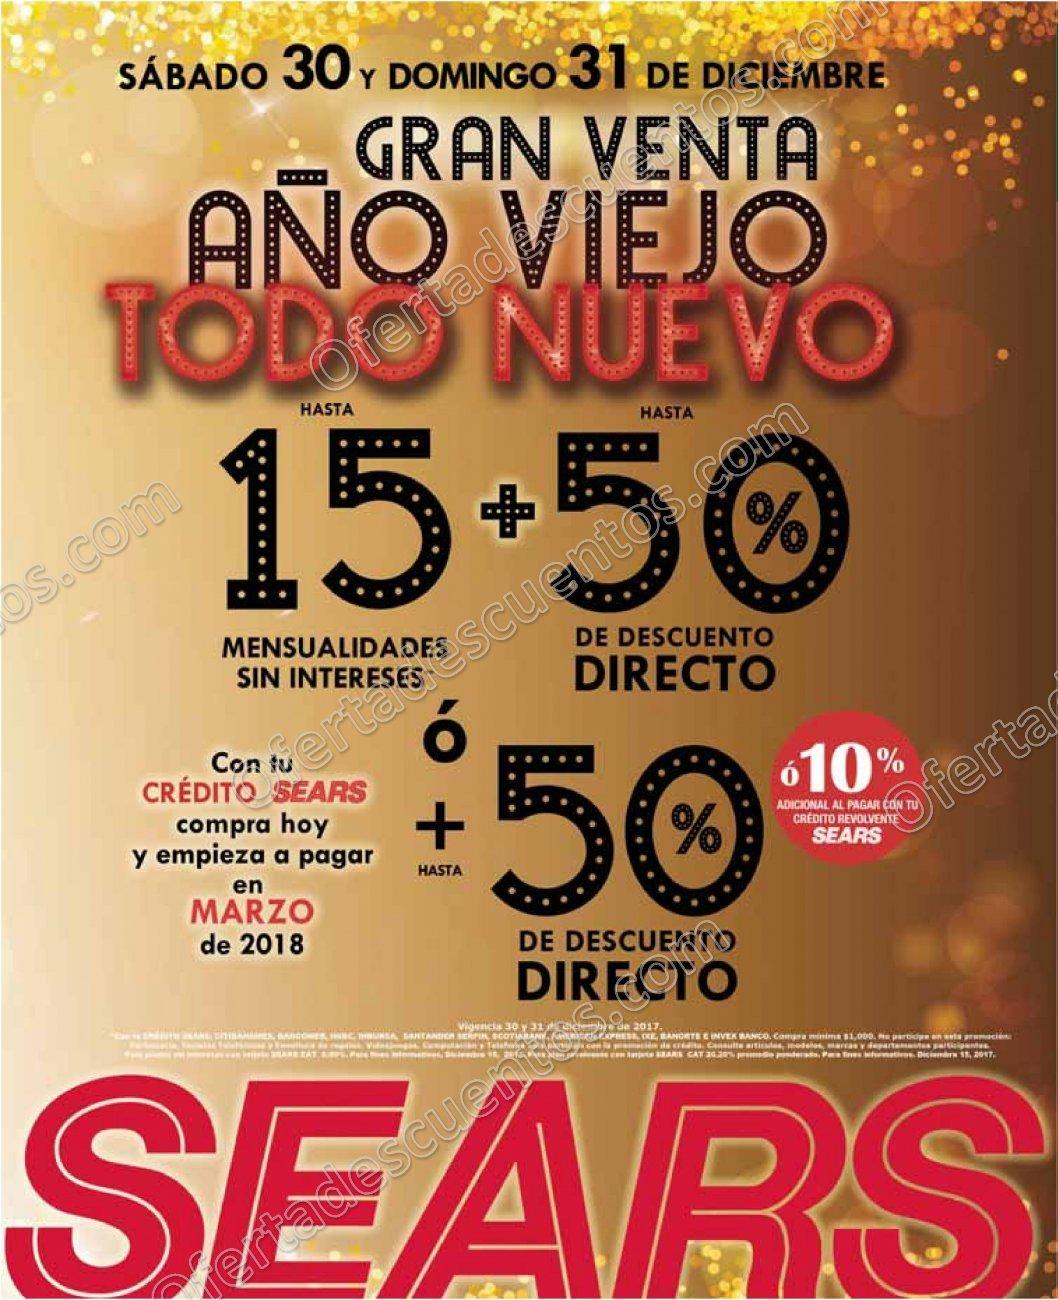 Ofertas Promociones Y Descuentos En Ventas Nocturnas 2017  # Muebles Sears Monterrey